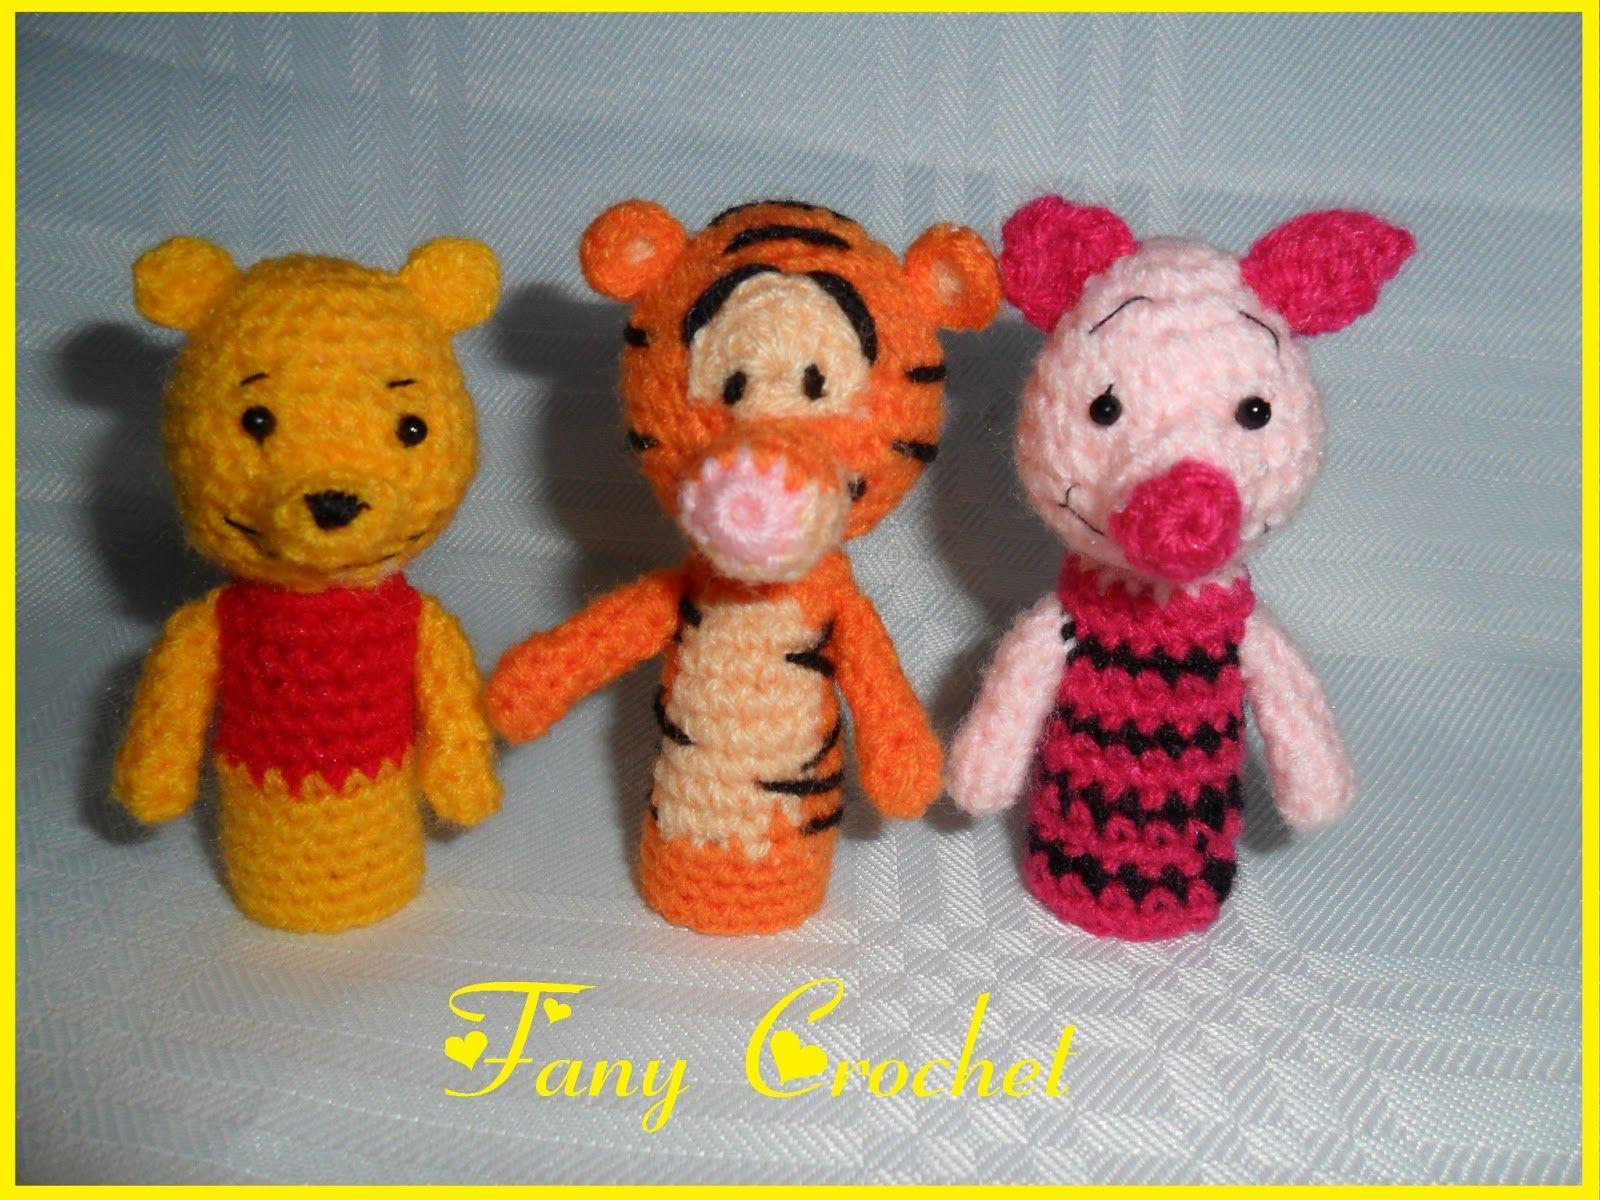 Amigurumis Personajes De Disney : Títeres de dedos personajes de winnie the pooh pooh tiger y